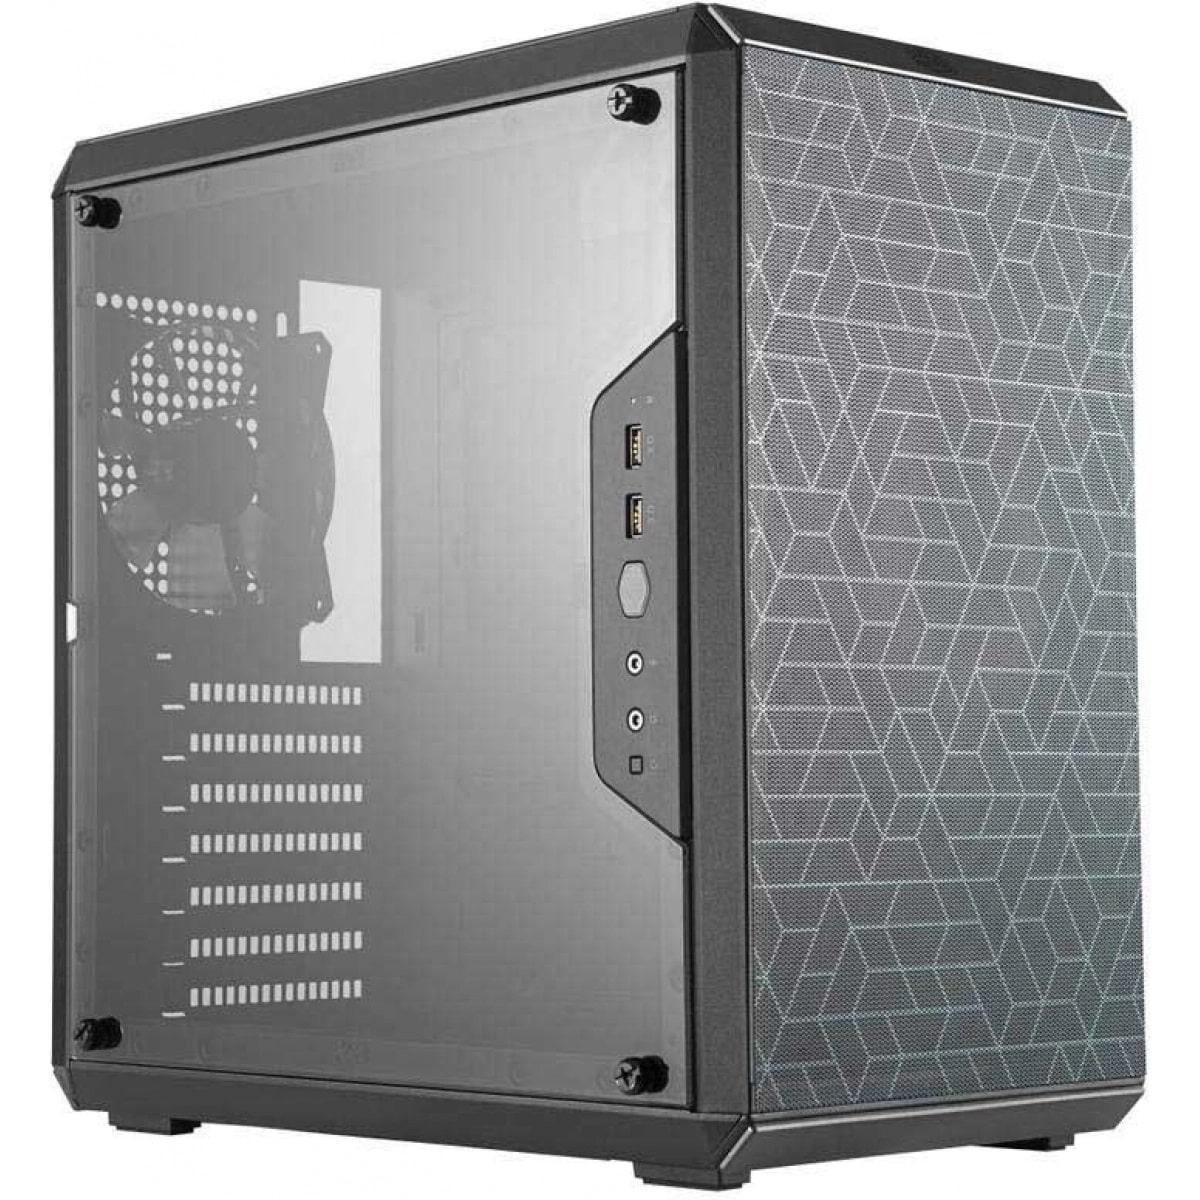 Computador, intel 10º geração corei5-10400 2.9Ghz, 8GB DDR4, SSD 240GB